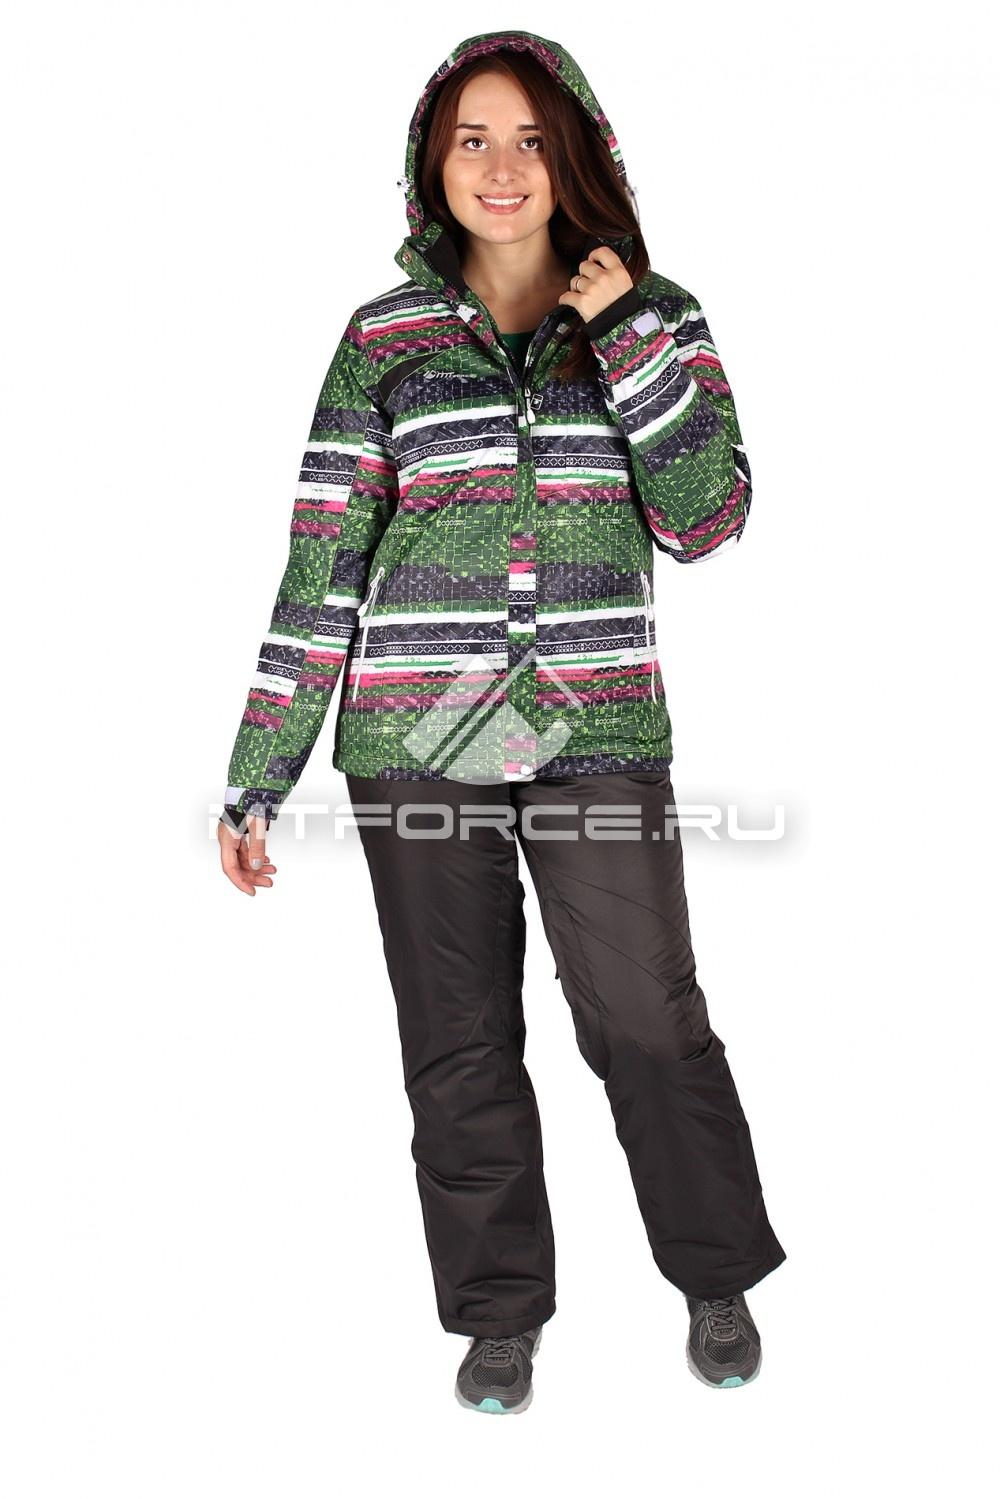 Лыжный костюм женский распродажа доставка